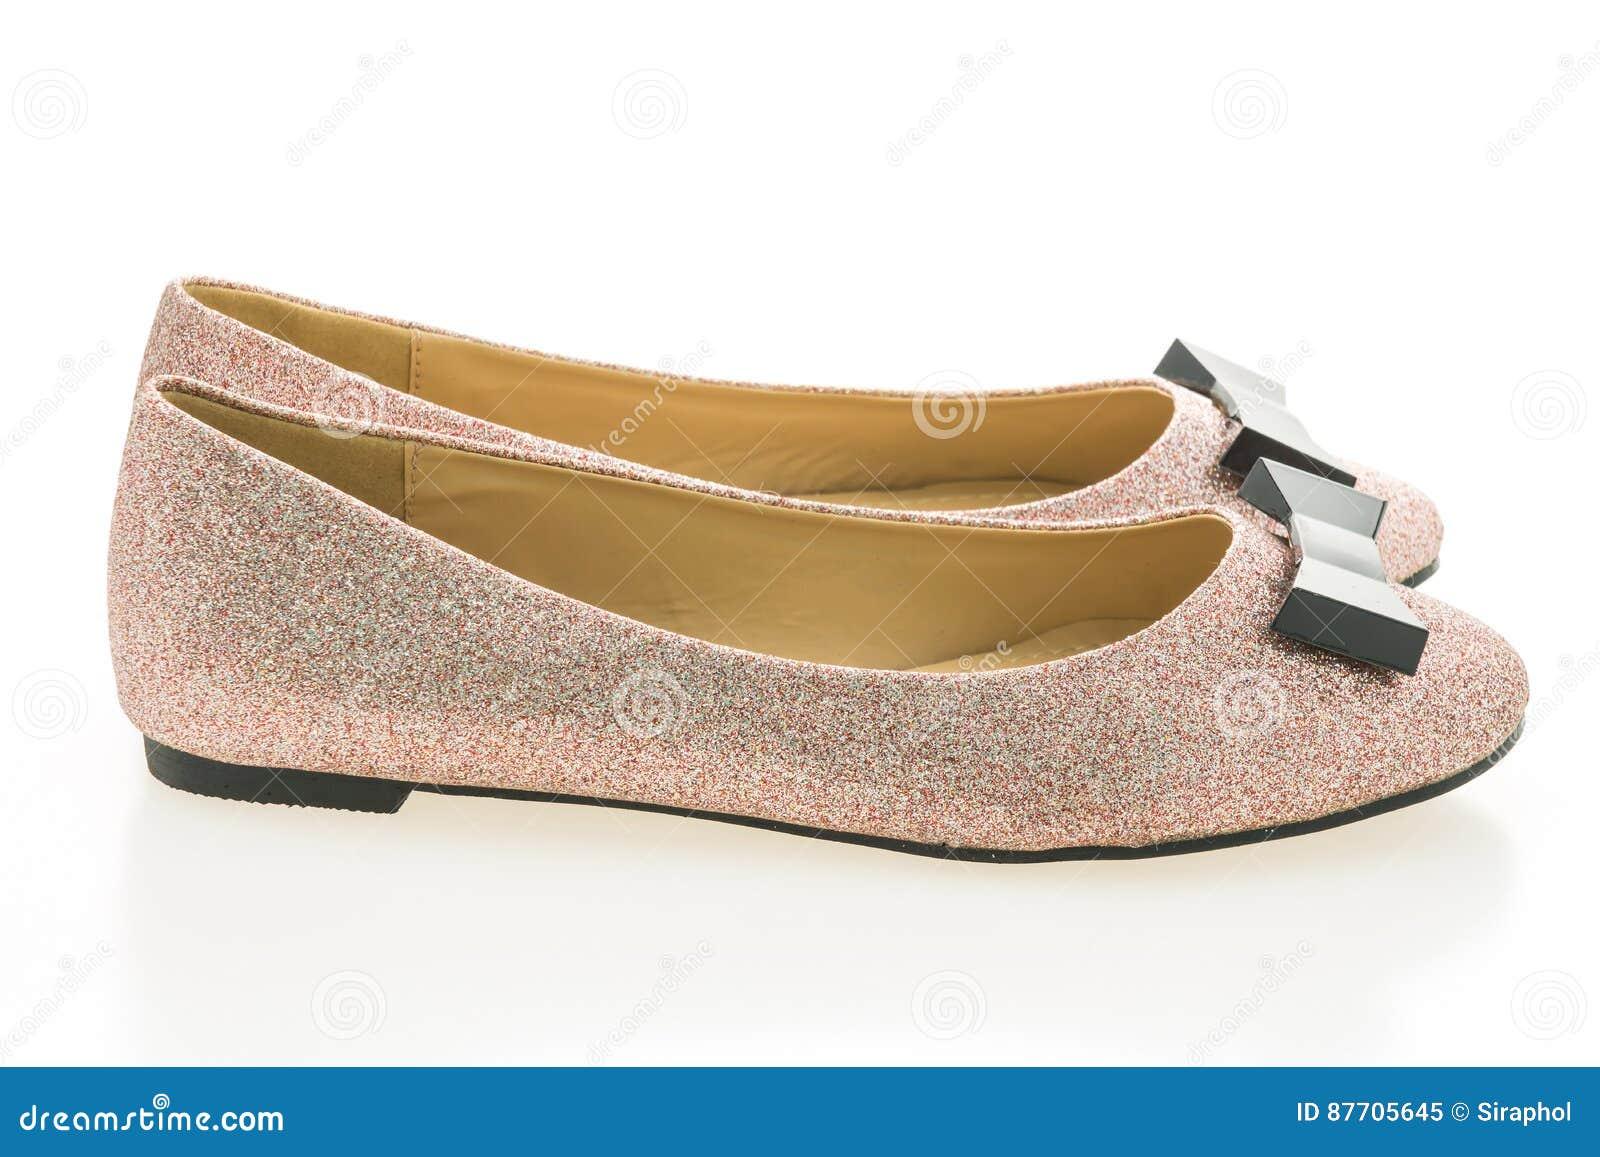 Chaussures et chaussures pour la femme